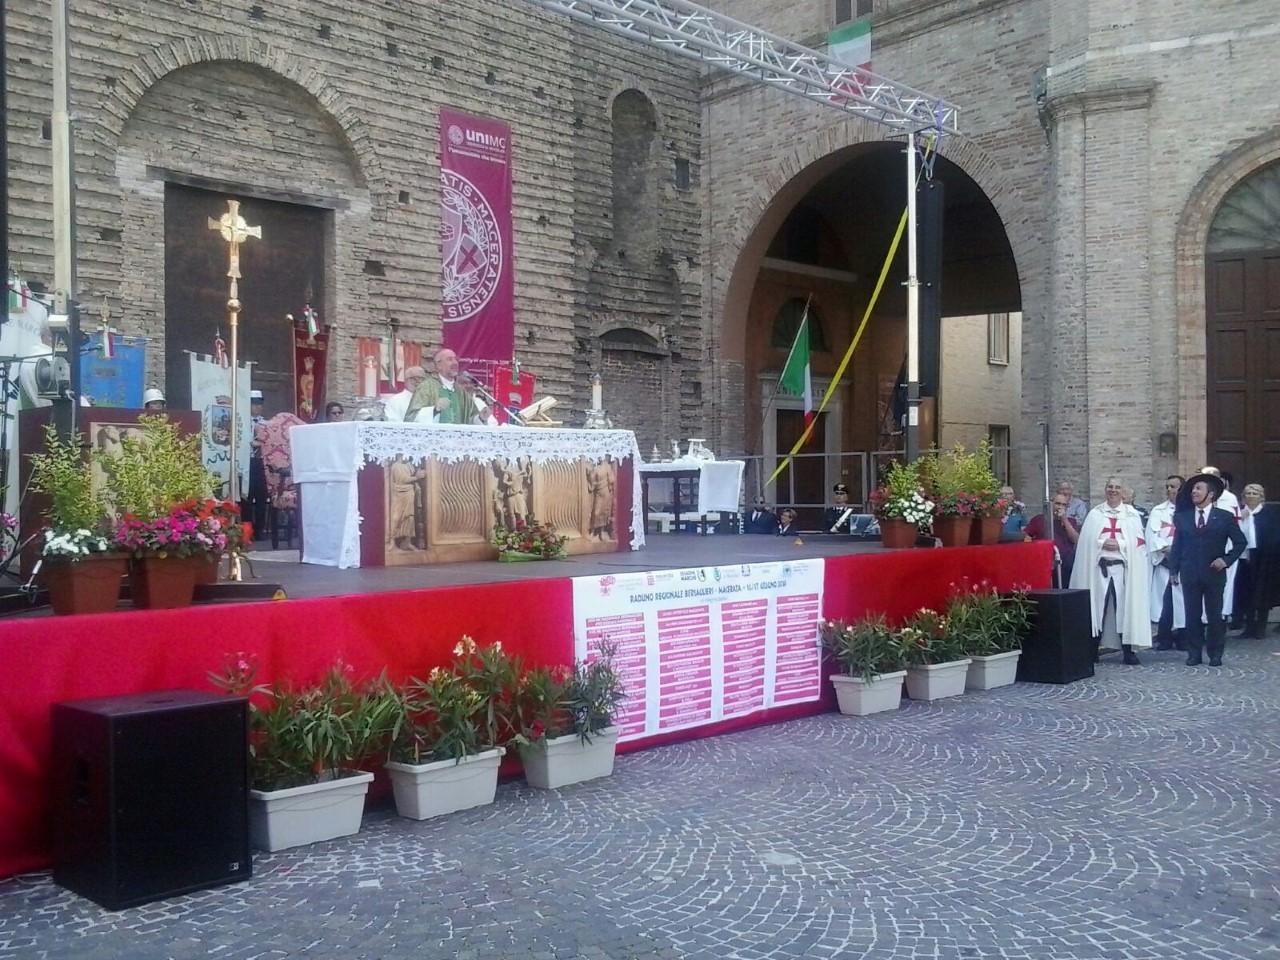 S.E. Rev. Nazzareno Marconi Vescovo di Macerata presiede la Santa Messa con il Raduno dei Bersaglieri di Macerata